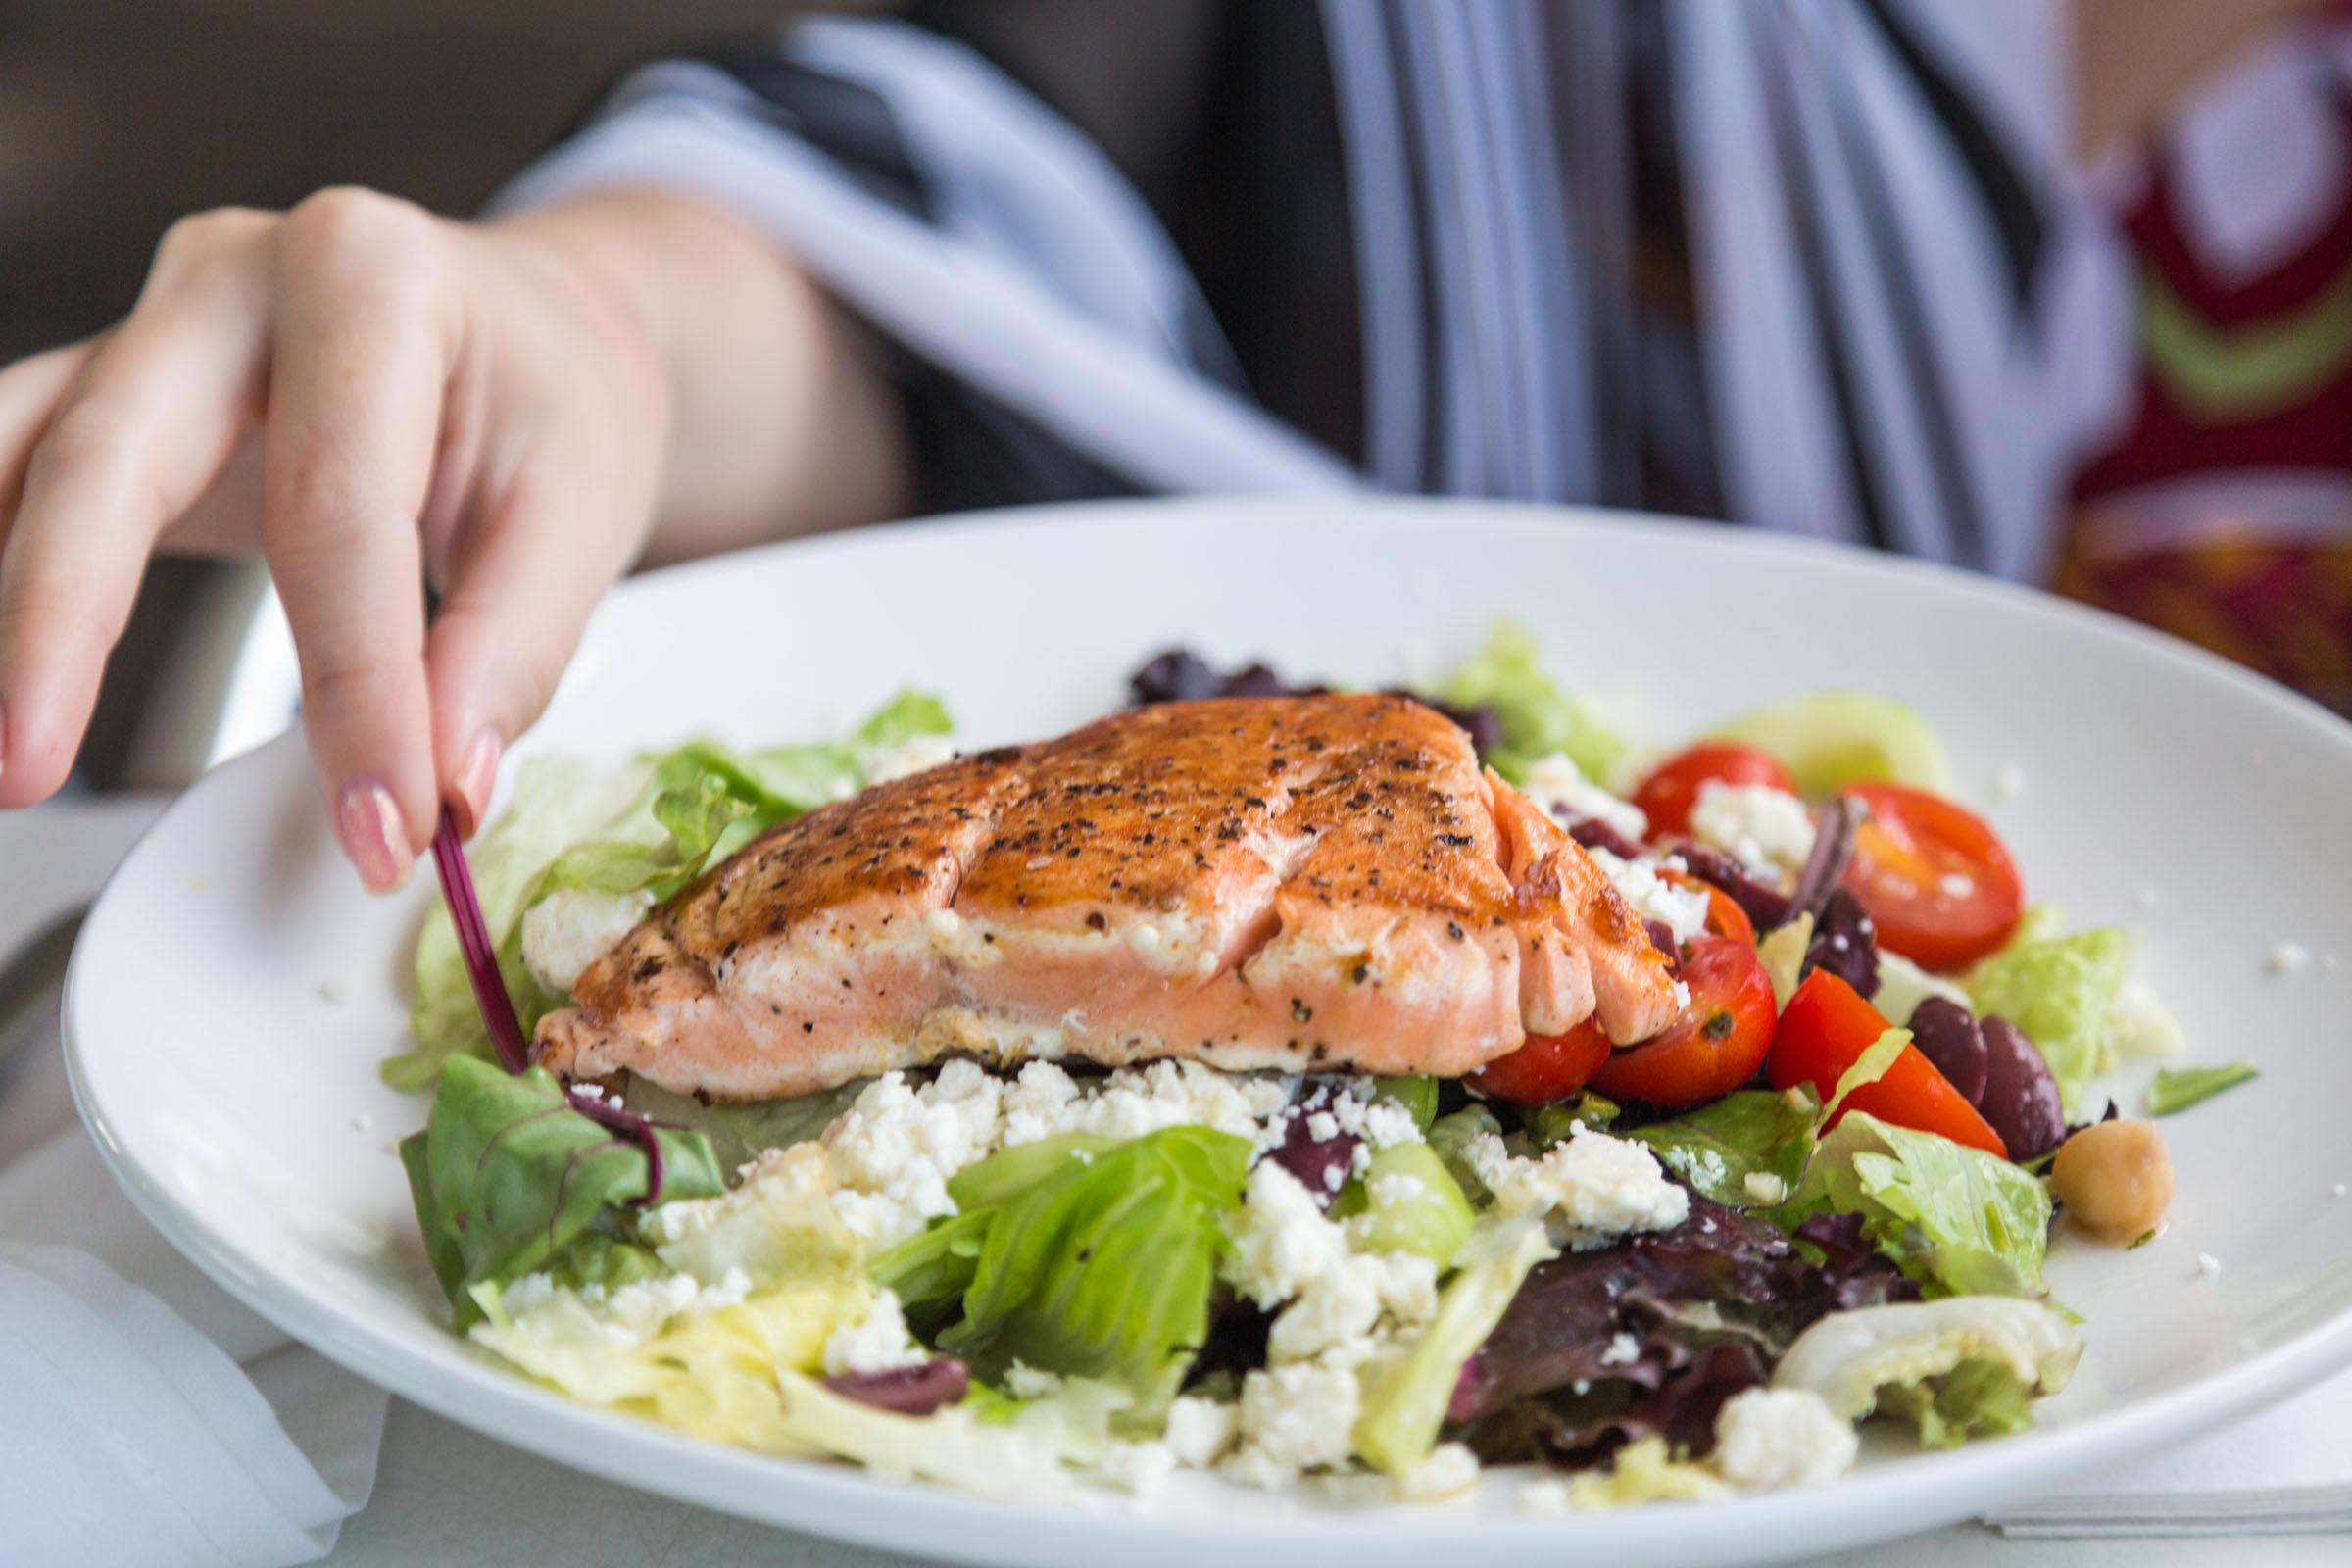 Fresh salad with tuna fish